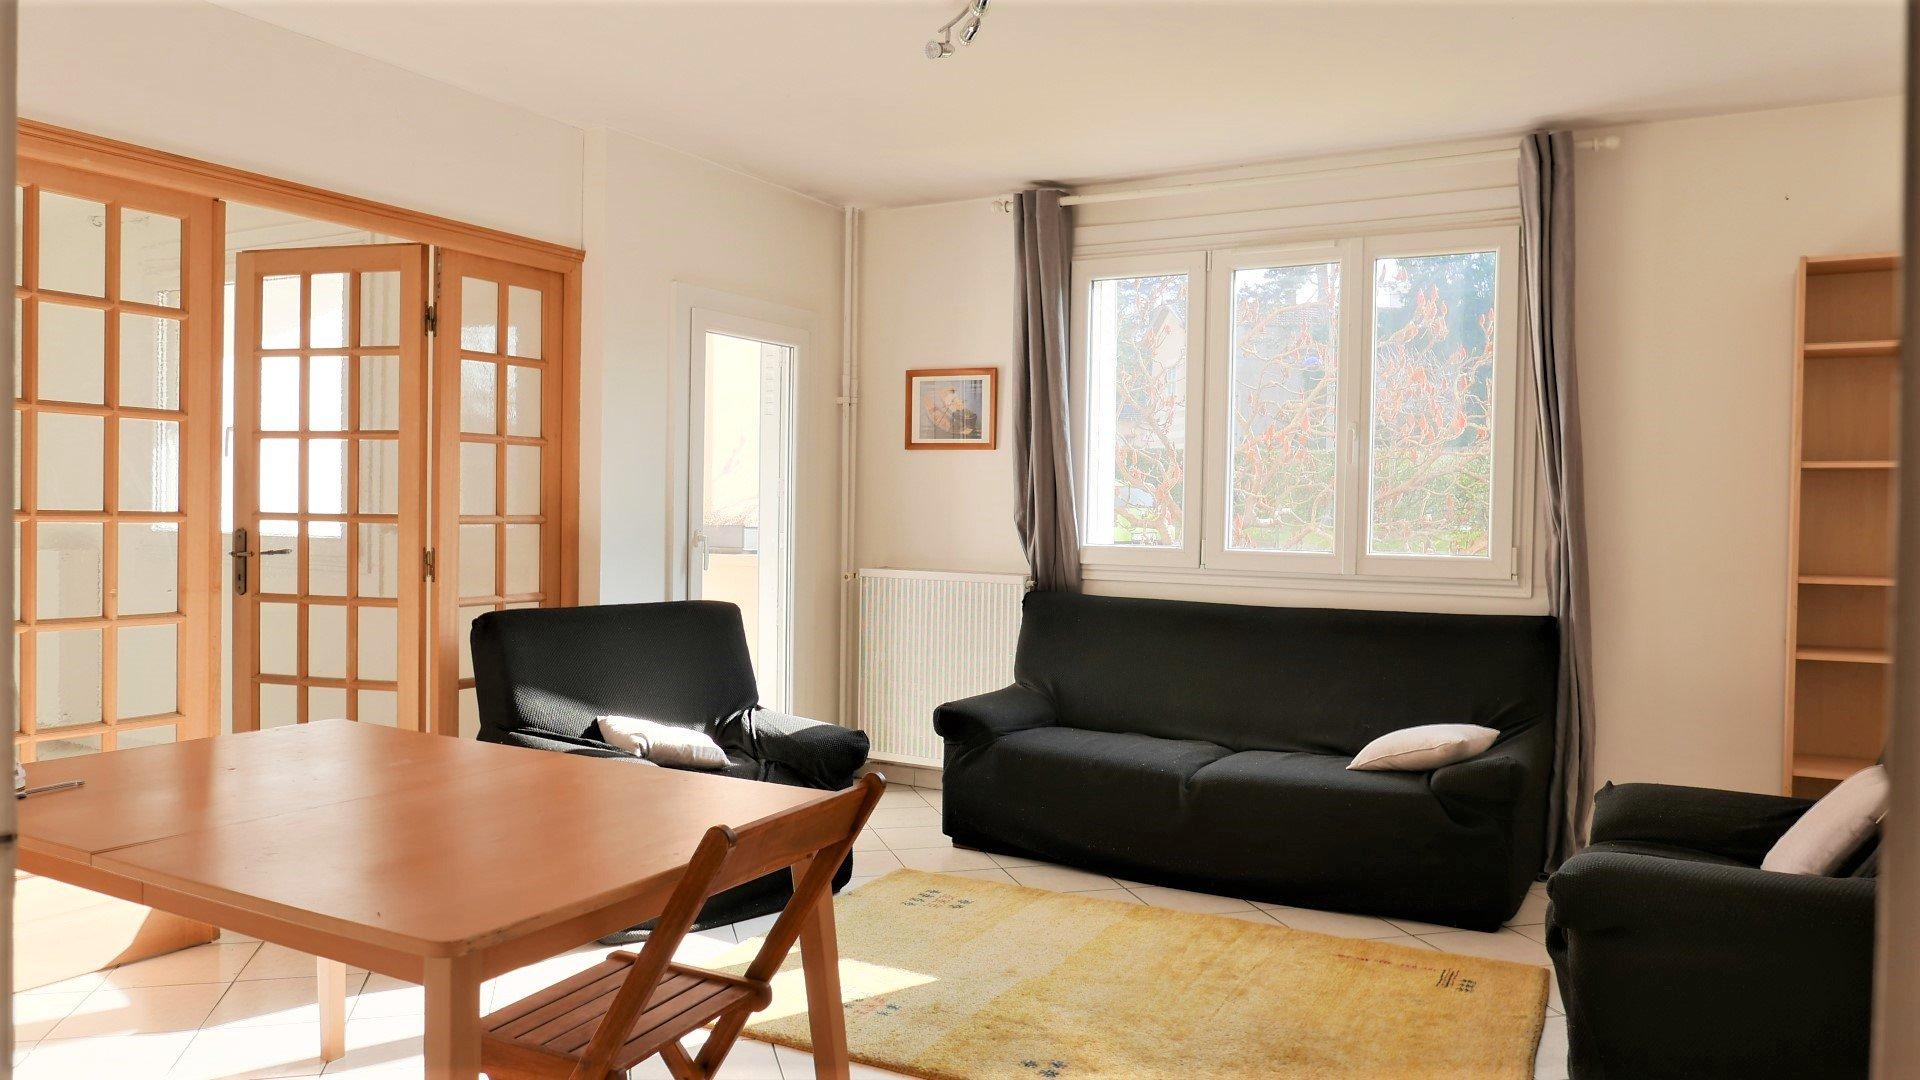 Achat Appartement Surface de 87 m²/ Total carrez : 81 m², 4 pièces, Lyon 5ème (69005)